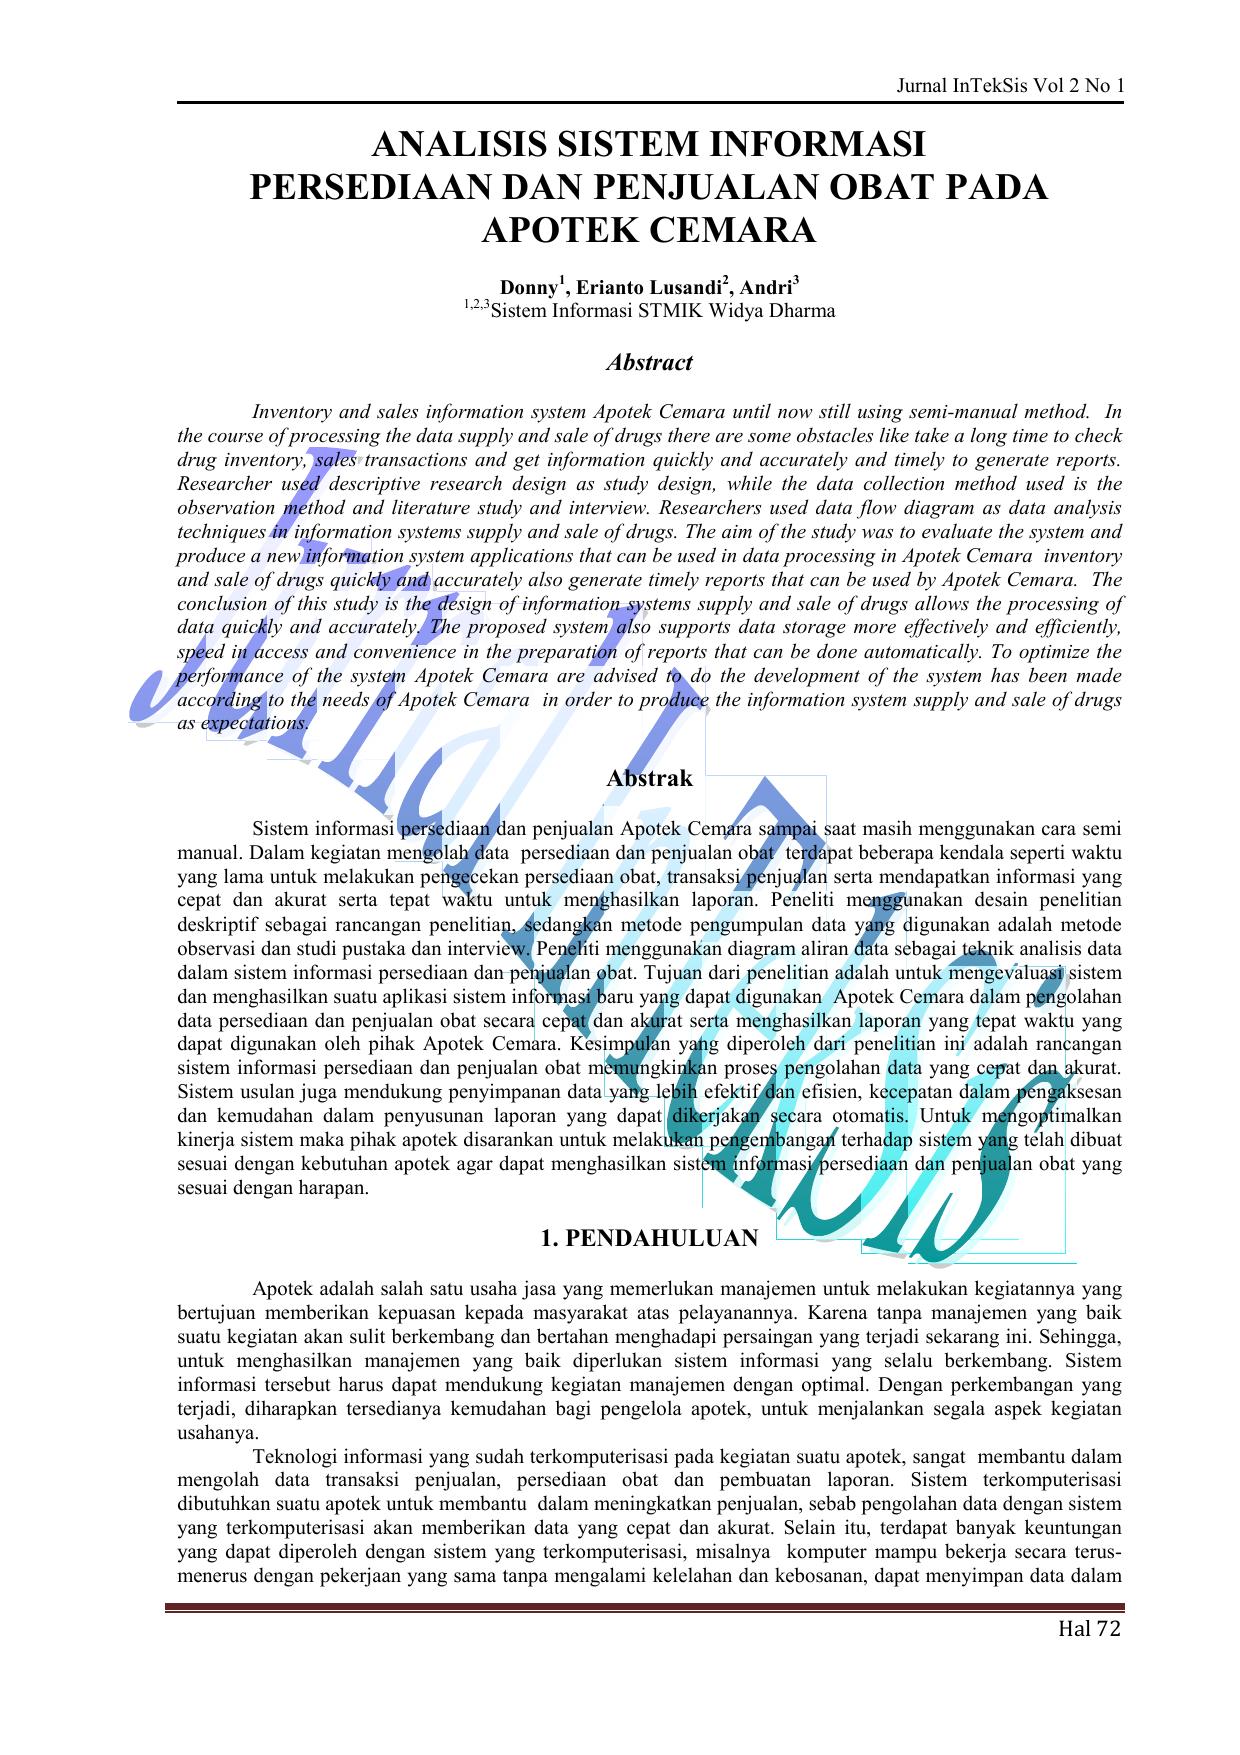 Analisis sistem informasi persediaan dan penjualan obat pada ccuart Images